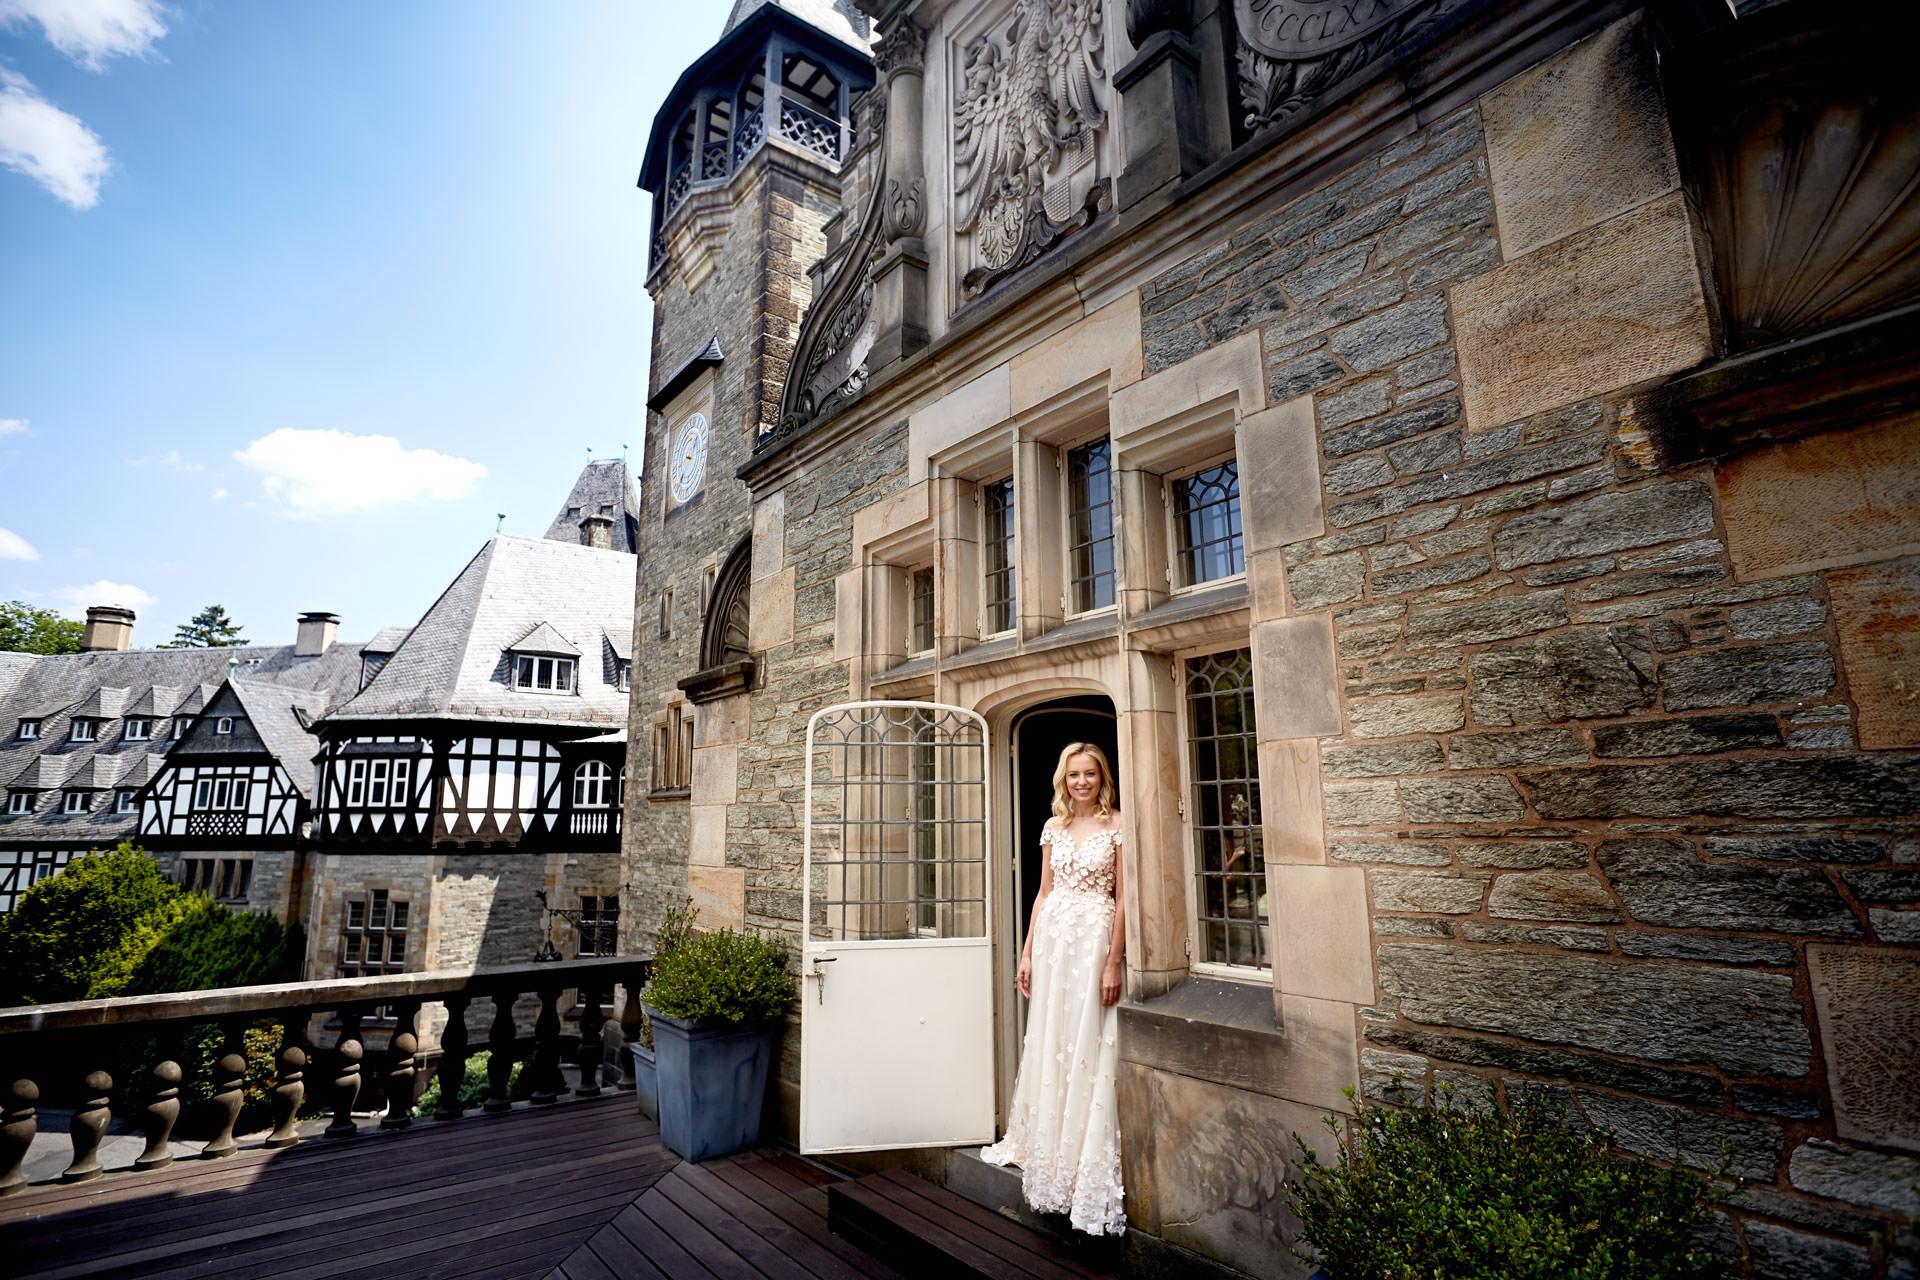 NS_058__Schlosshotel_Kronberg_#SchlosshotelKronberg_